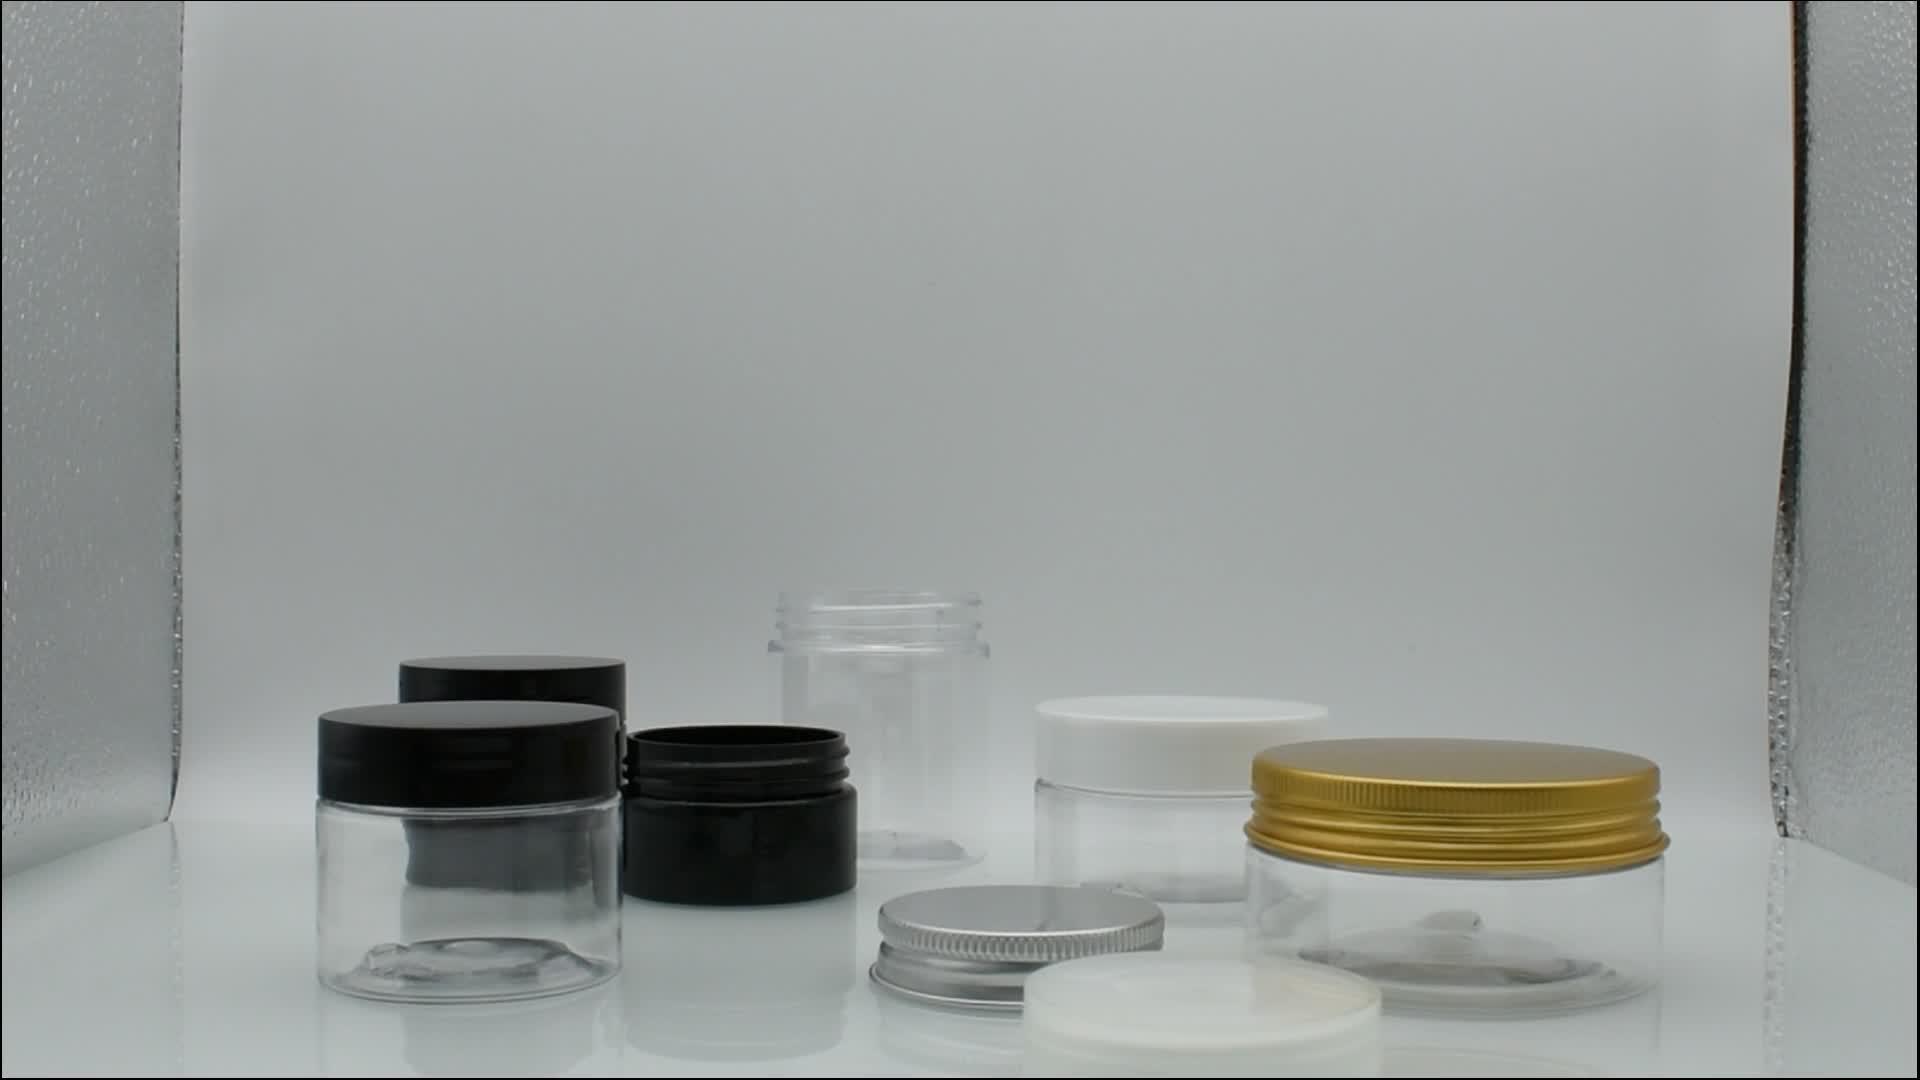 1 oz 2oz 4oz 30ml 40ml 50ml 60ml 80ml 100ml 120ml di plastica trasparente in PET jar jar barattolo di plastica con coperchio in alluminio interno trasparente di tenuta